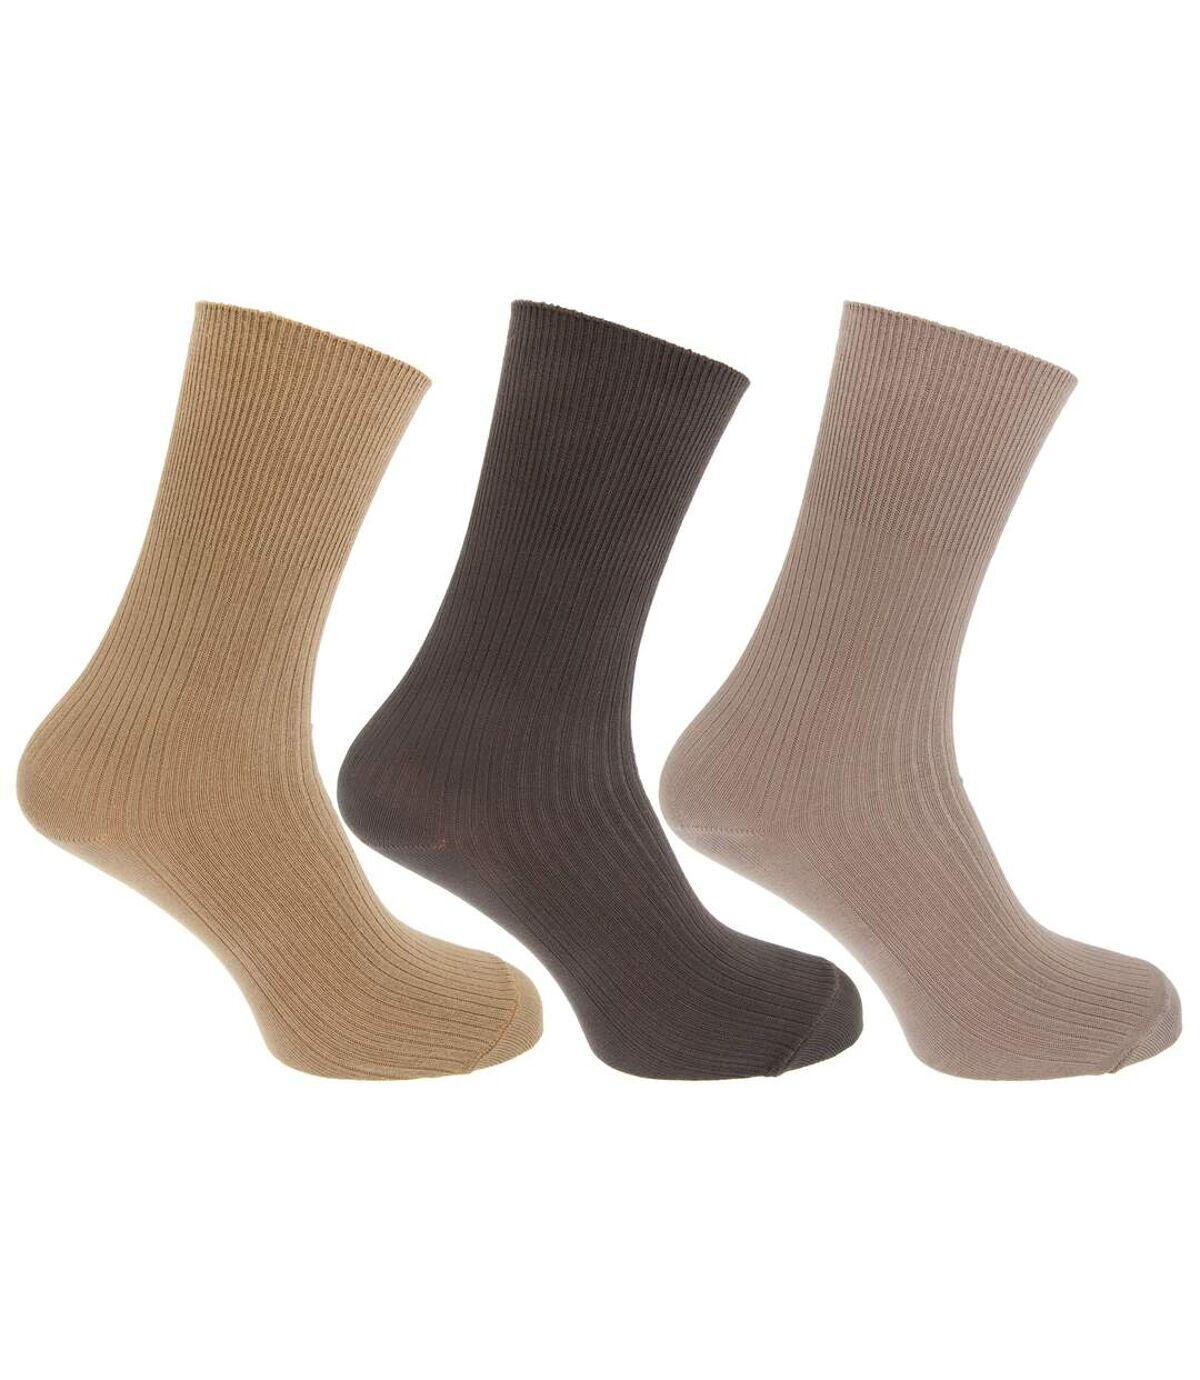 Mens Casual Non Elastic Bamboo Viscose Socks (Pack Of 3) (Cream/Beige/Brown) - UTMB376